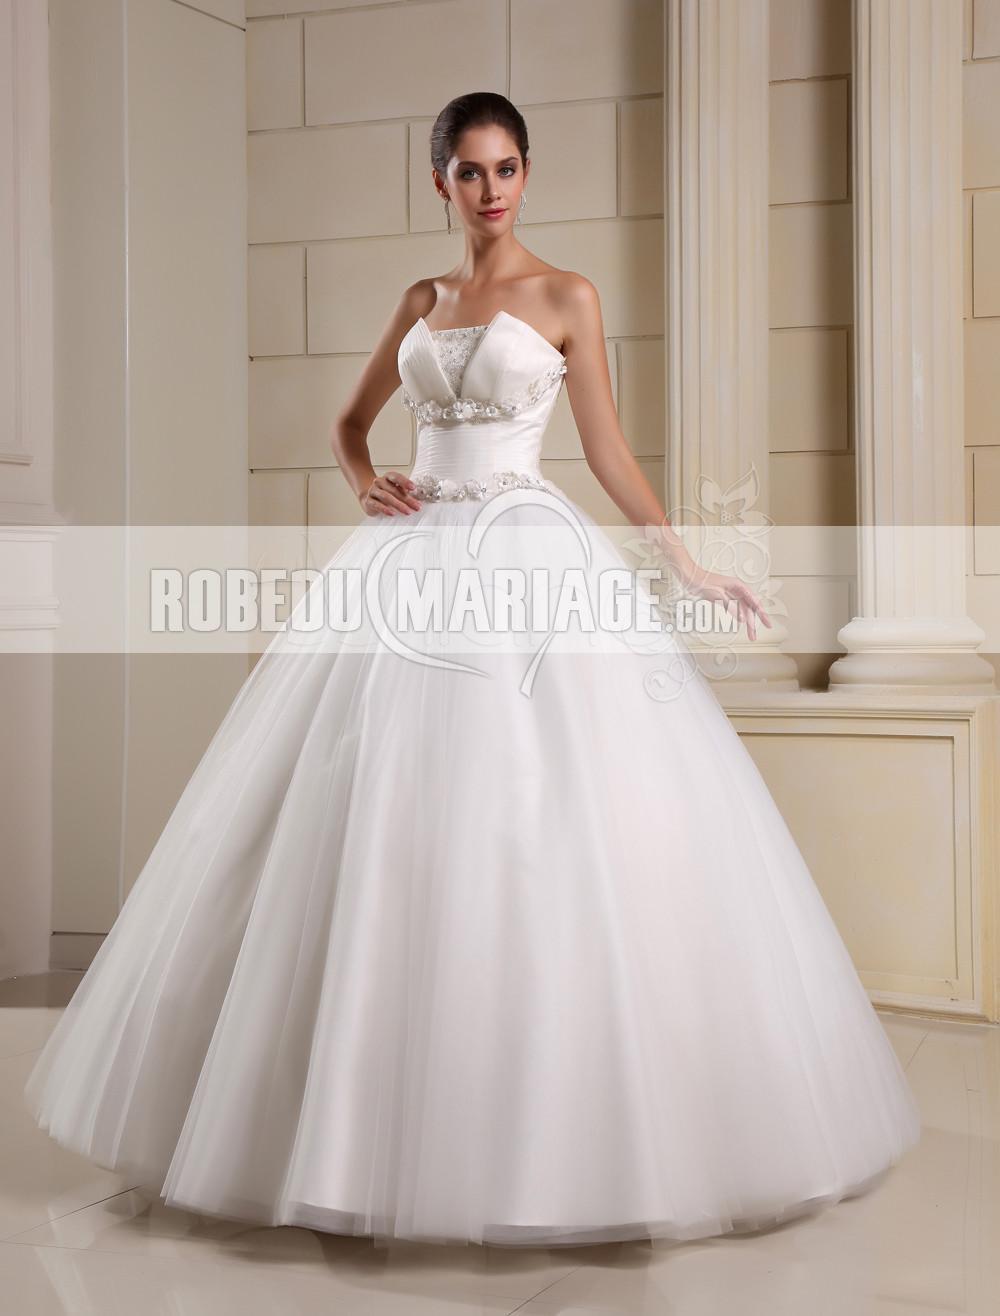 Robe de mariée princesse bustier tulle jupe volume fleur pas cher sur mesure